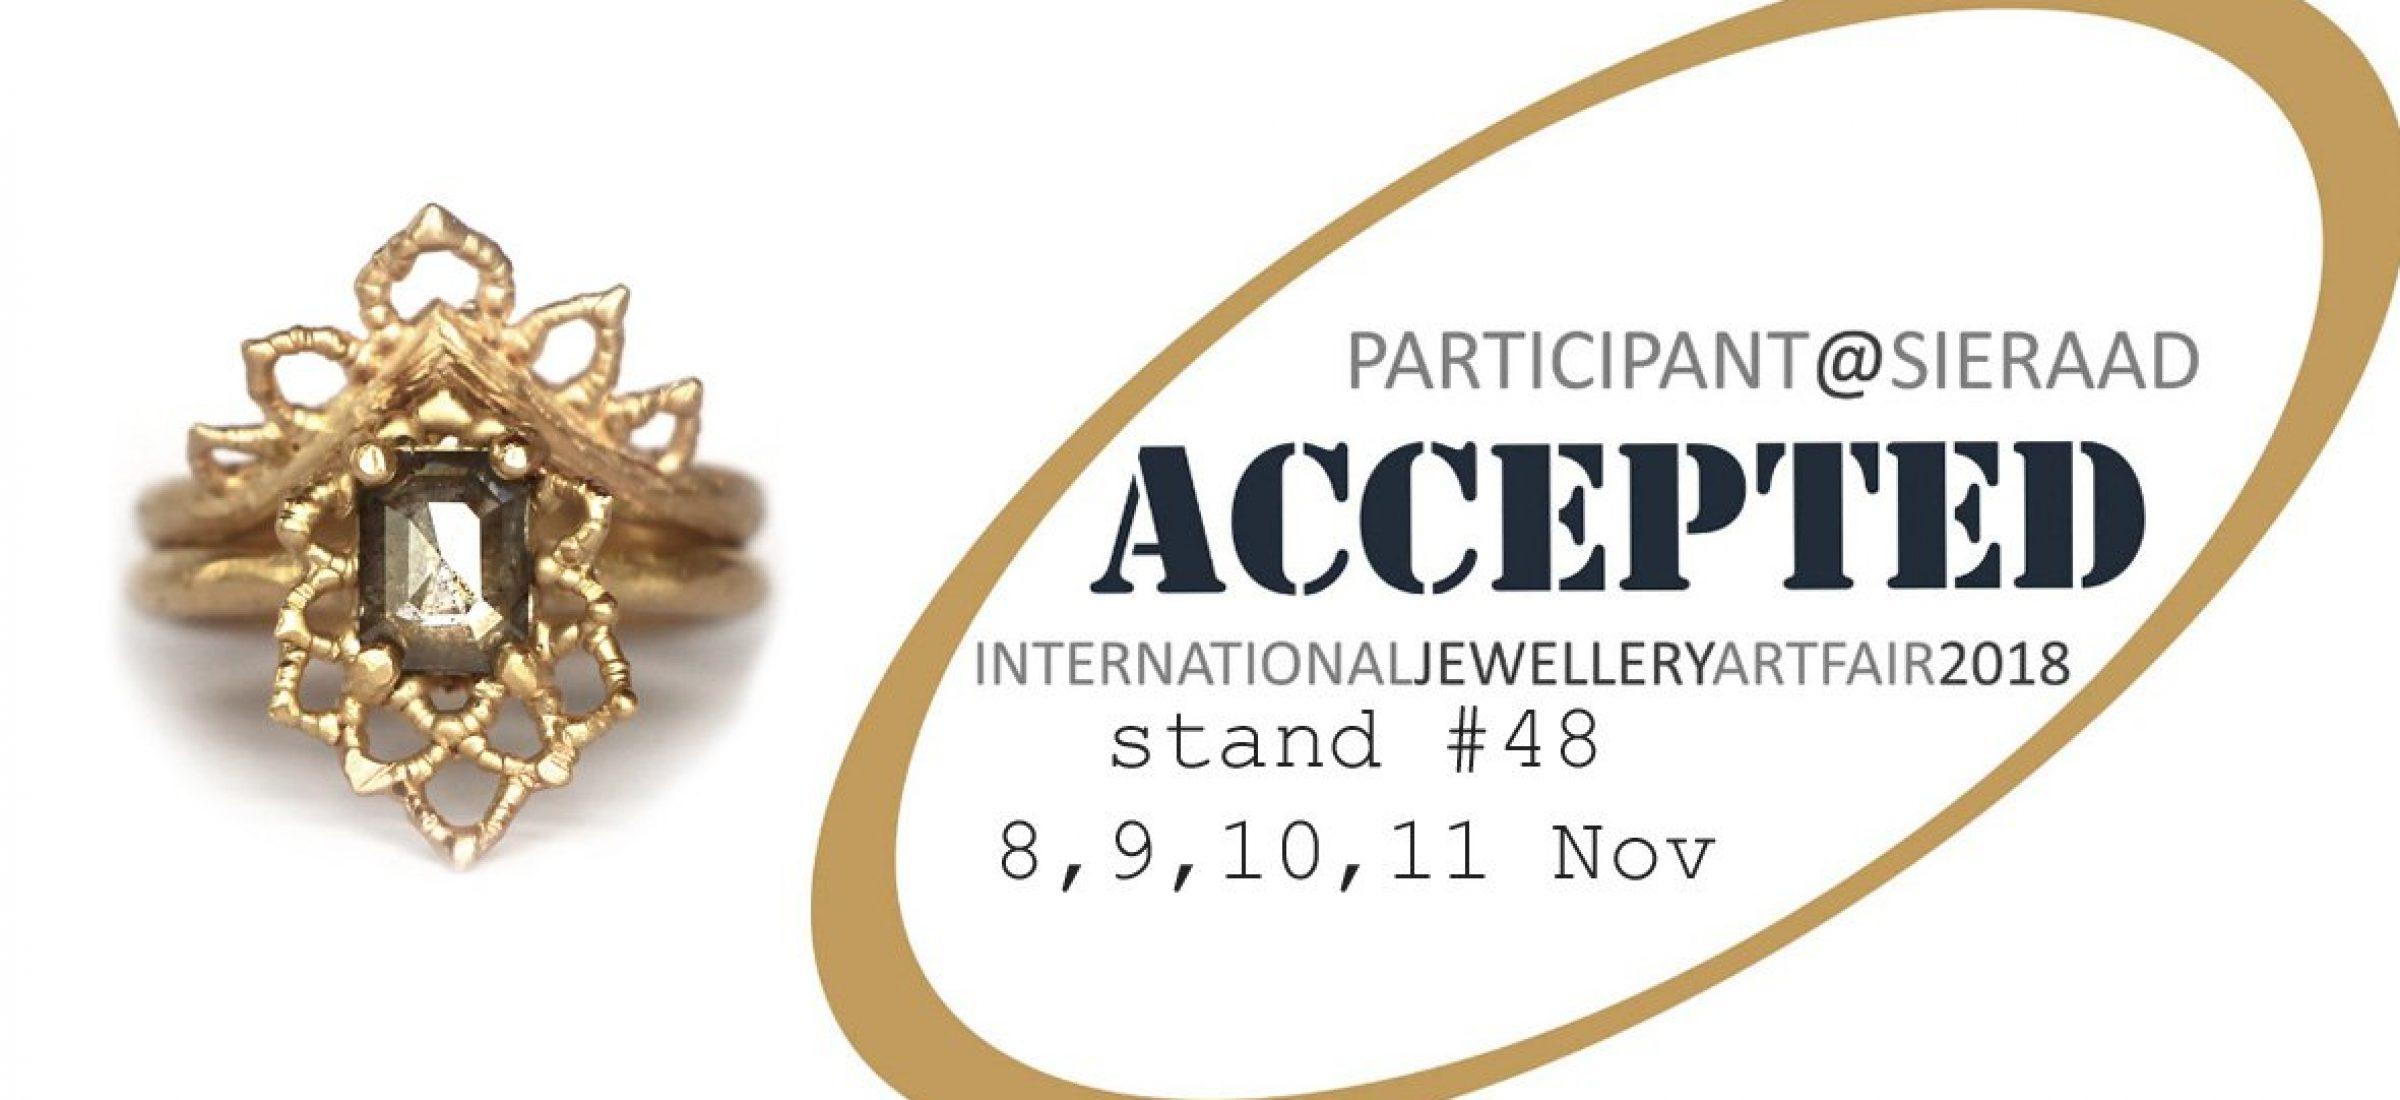 sieraad-art-jewellery-fair